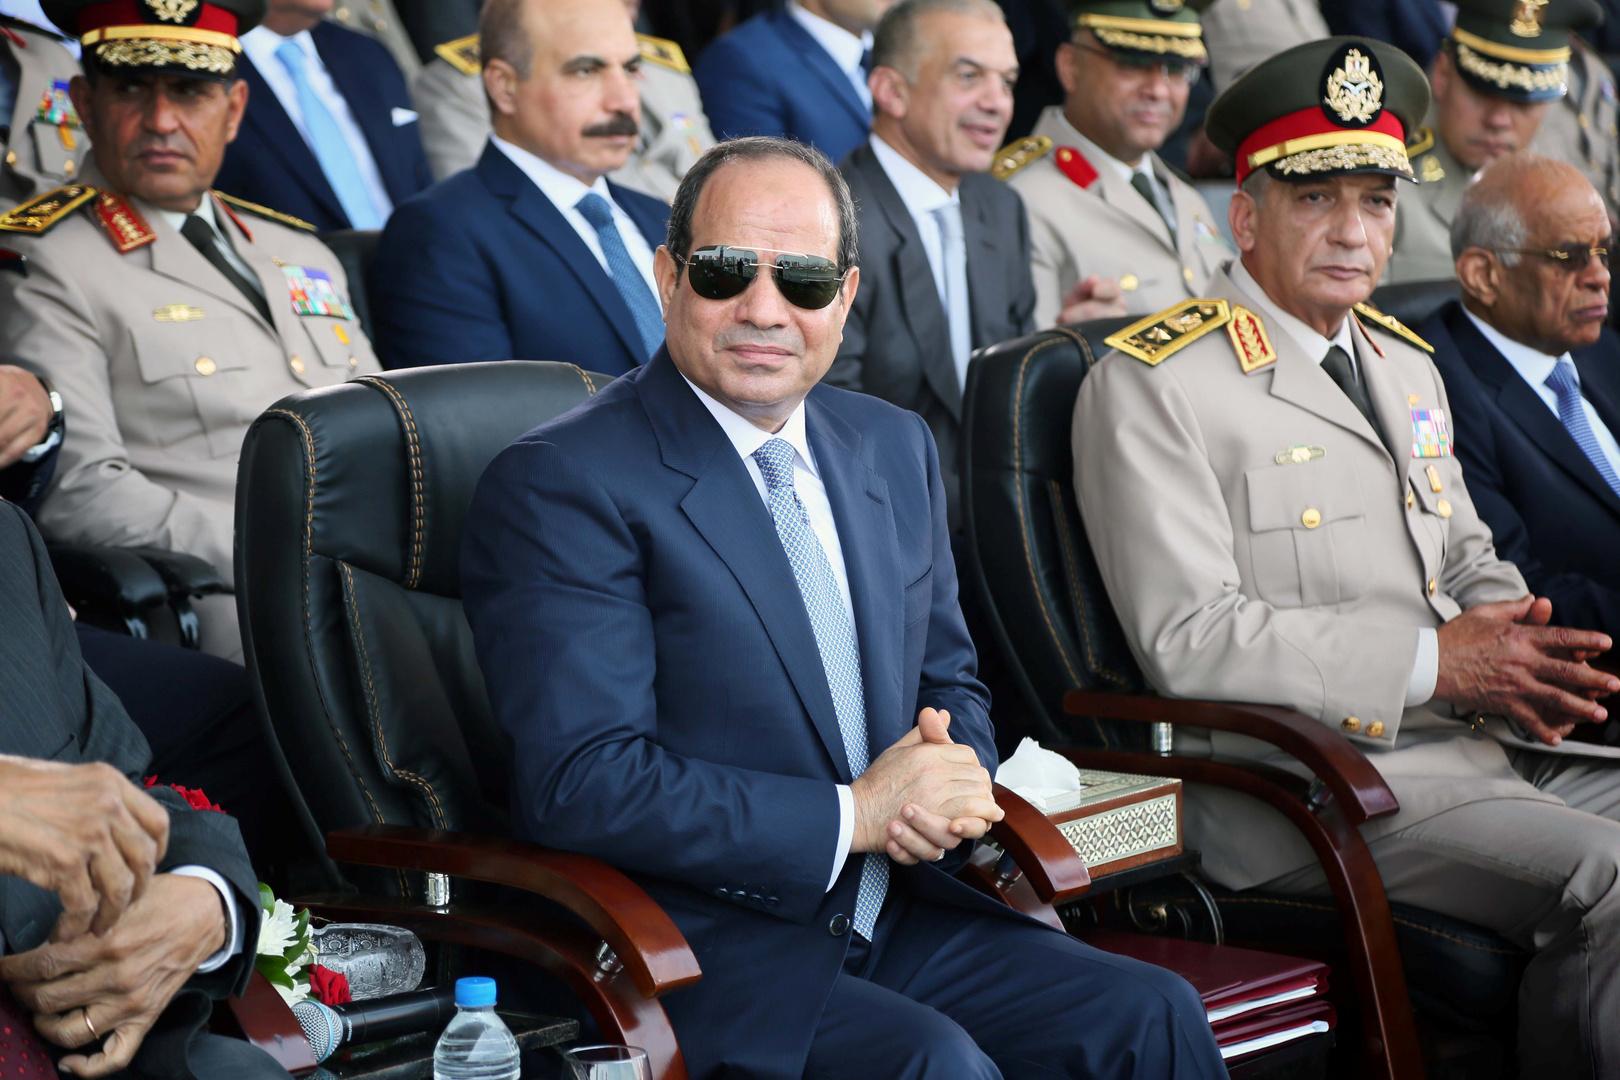 السيسي:  6 مستشفيات لمواجهة فيروس كورونا بناها الجيش المصري جاهزة للافتتاح -